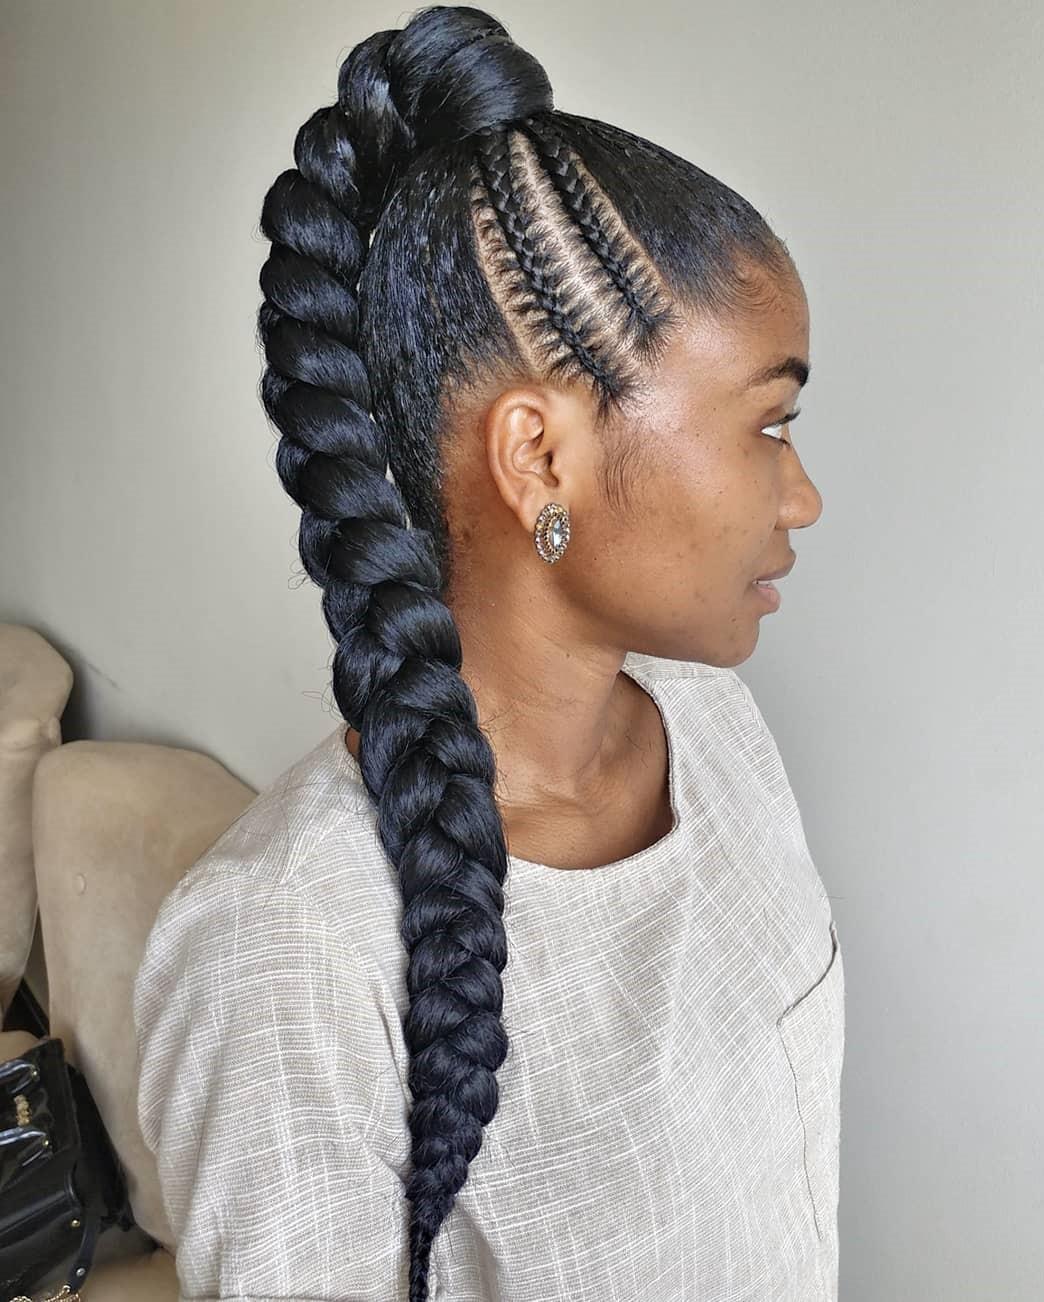 Braided Ponytail with Ghana Braid Detail